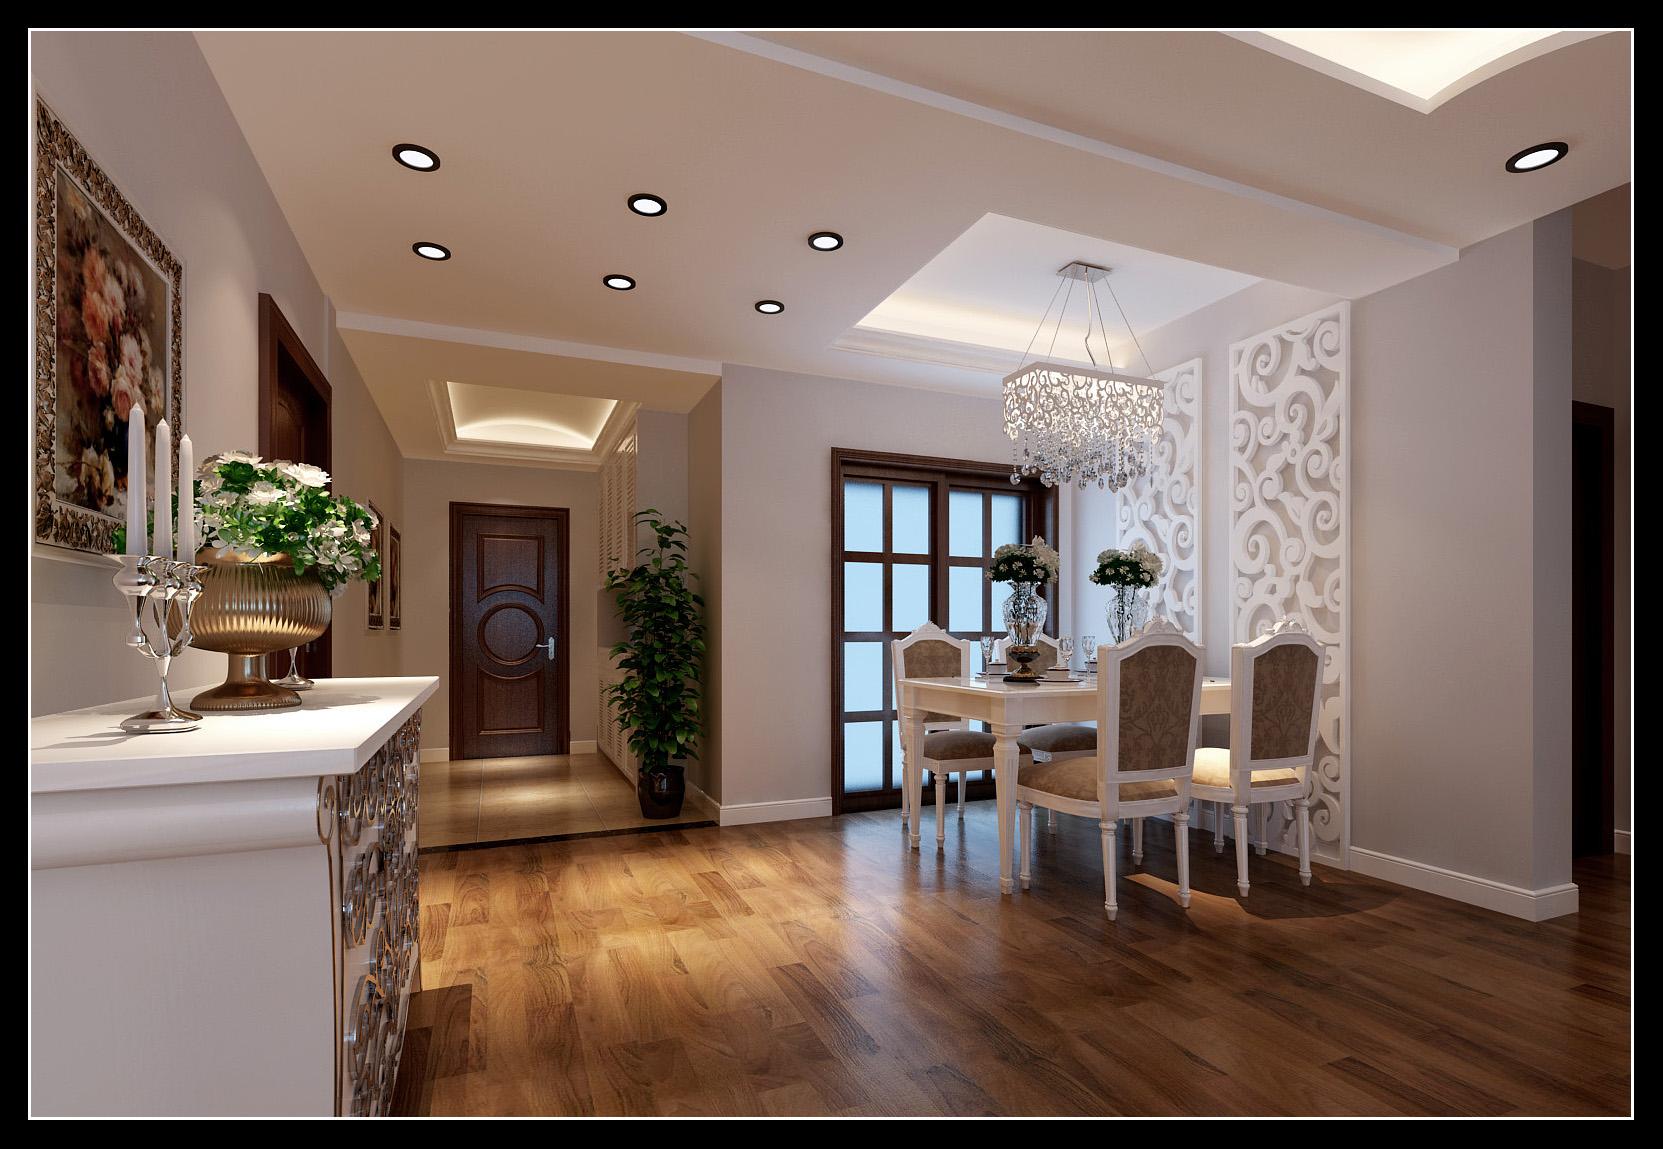 简约 现代 三居 家居 风水 生活 整体装修 室内设计 家庭装修 餐厅图片来自余欣欣在现代风格的居室重视个性和创造性的分享